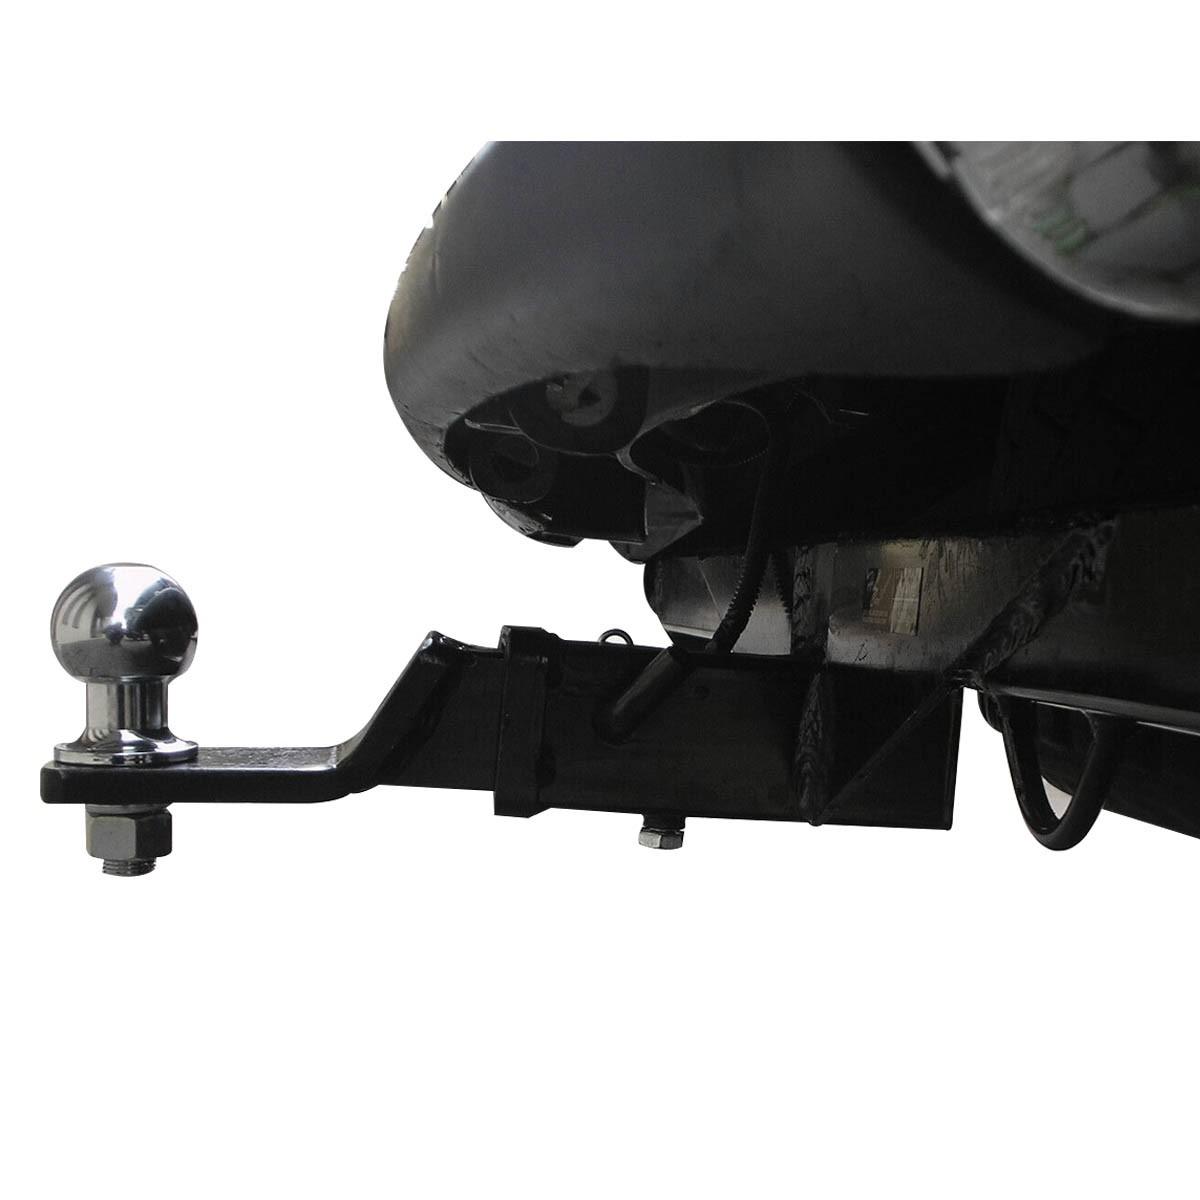 Engate de reboque removível Ecosport 2013 a 2017 motor 1.6